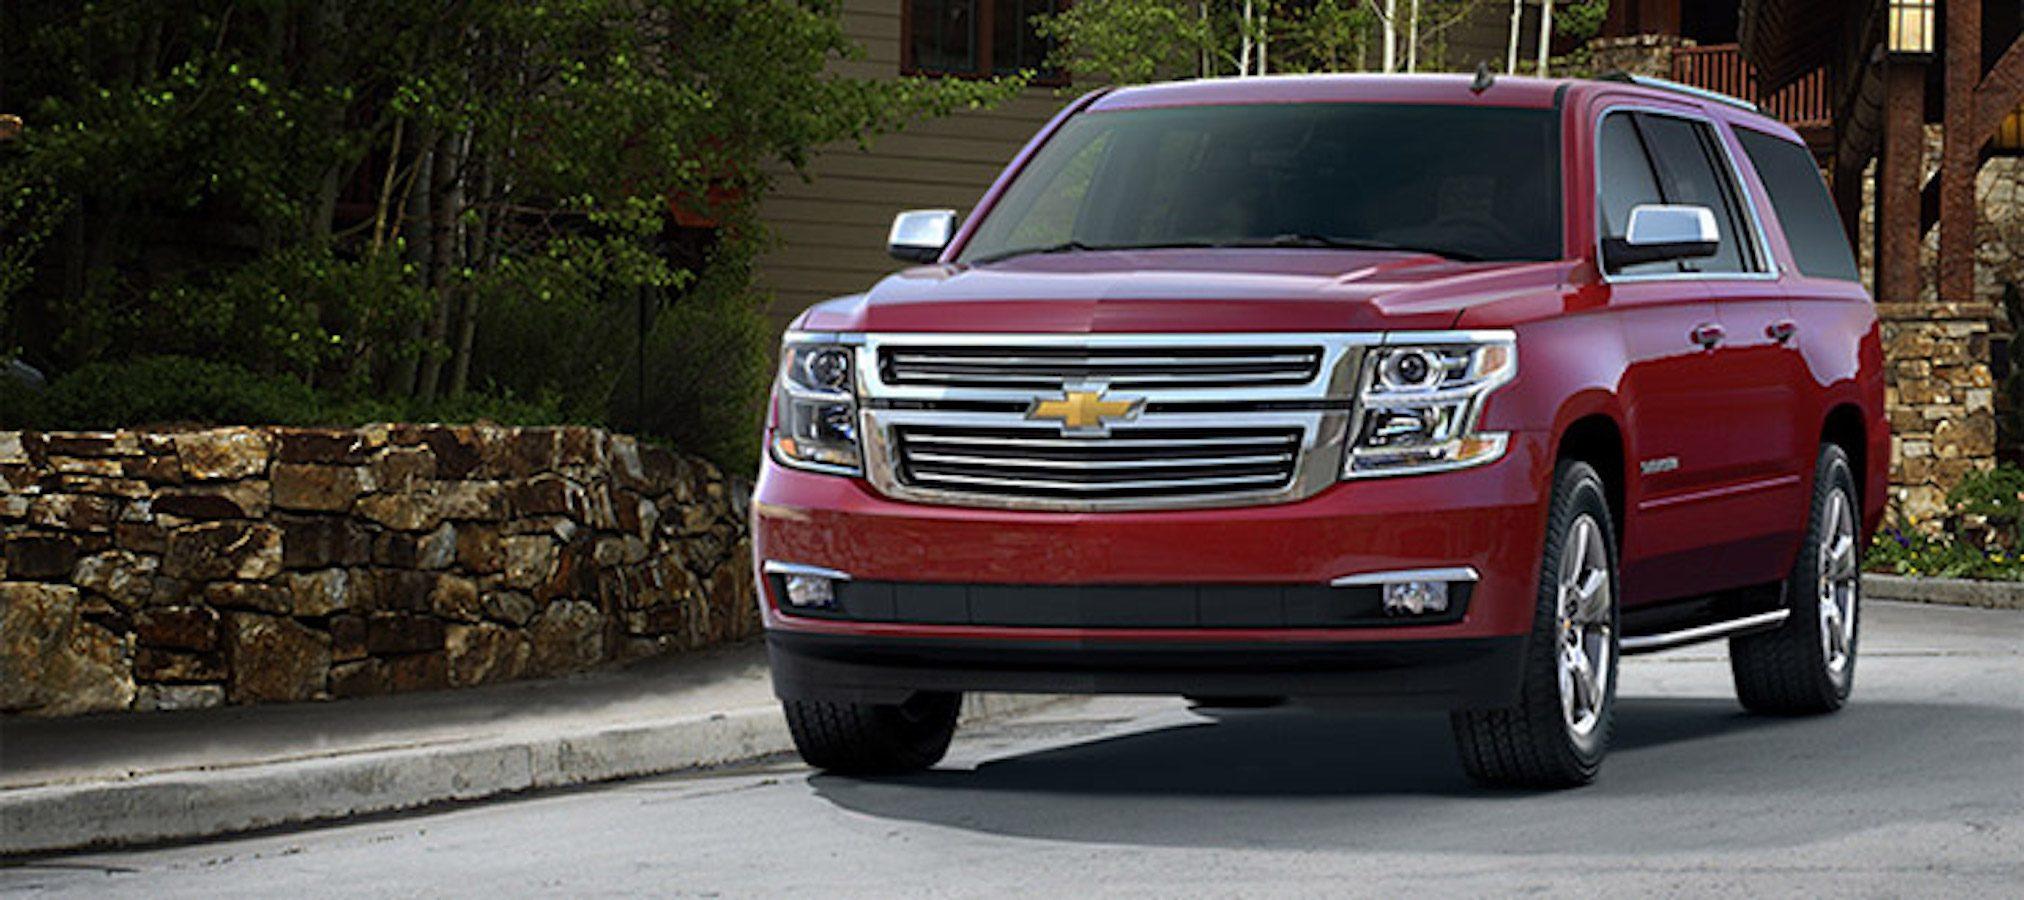 Chevrolet Suburban 2016 : une conduite plus sécuritaire